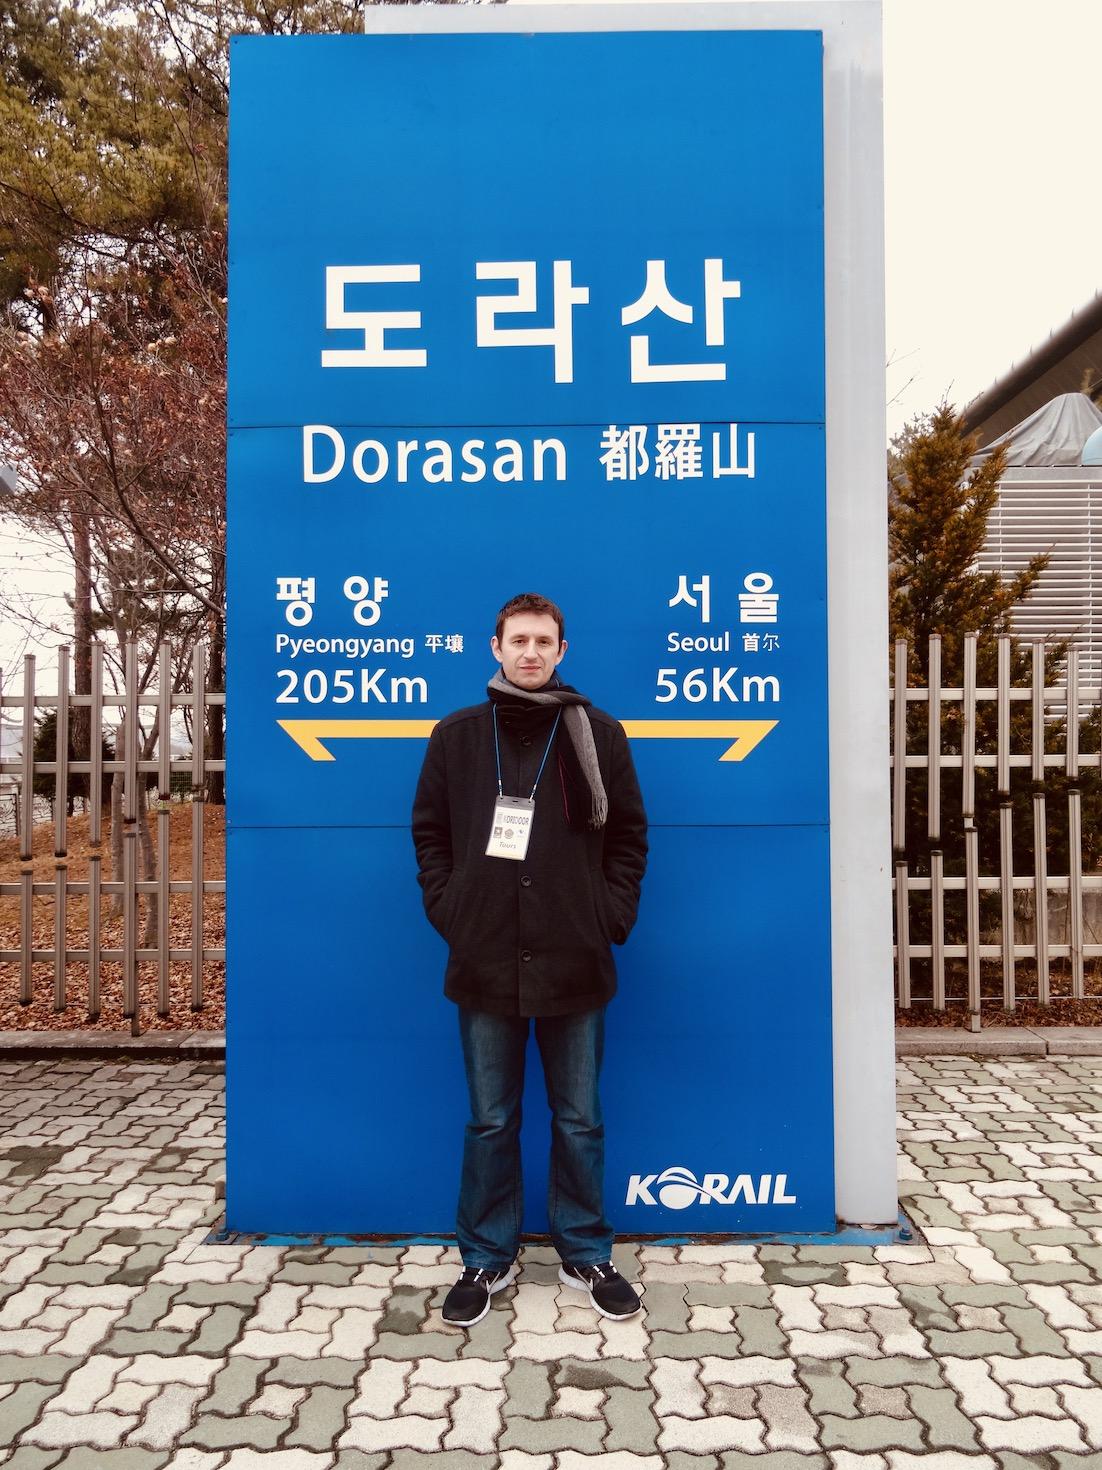 Dorasan Station DMZ South Korea